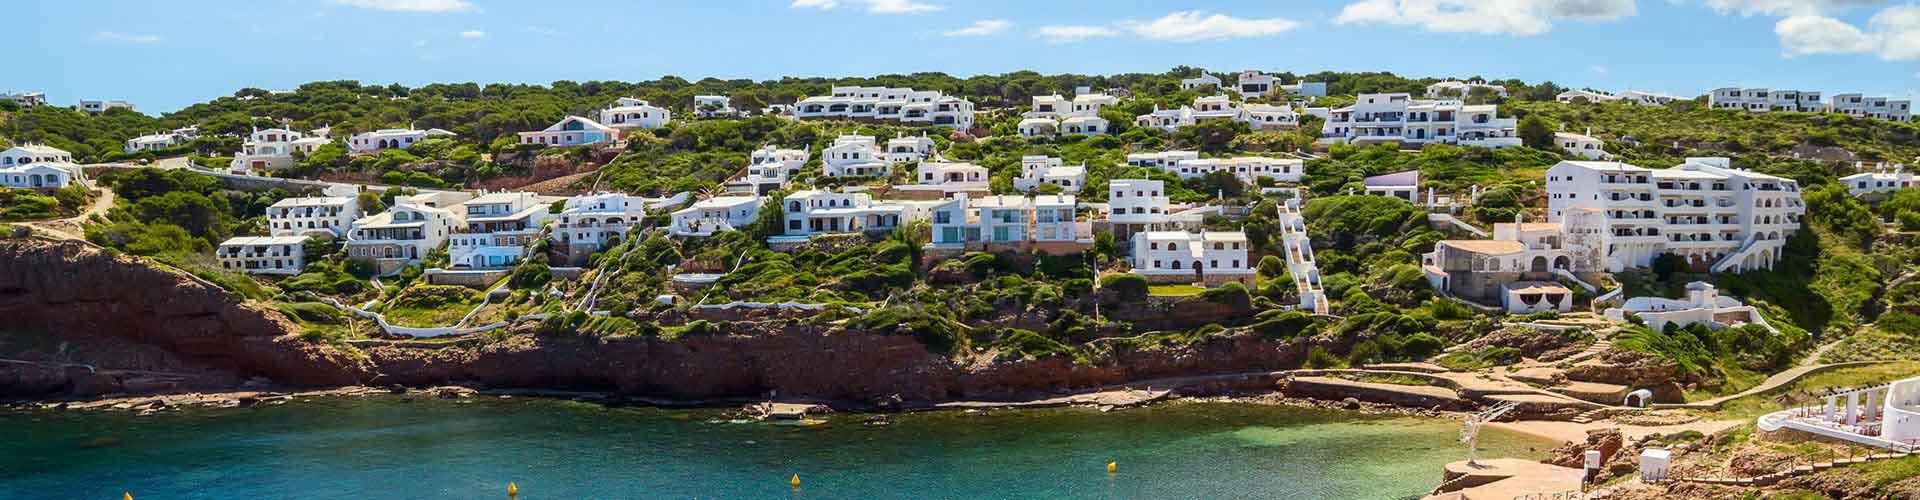 Menorca - Camping à Menorca. Cartes pour Menorca, photos et commentaires pour chaque Camping à Menorca.